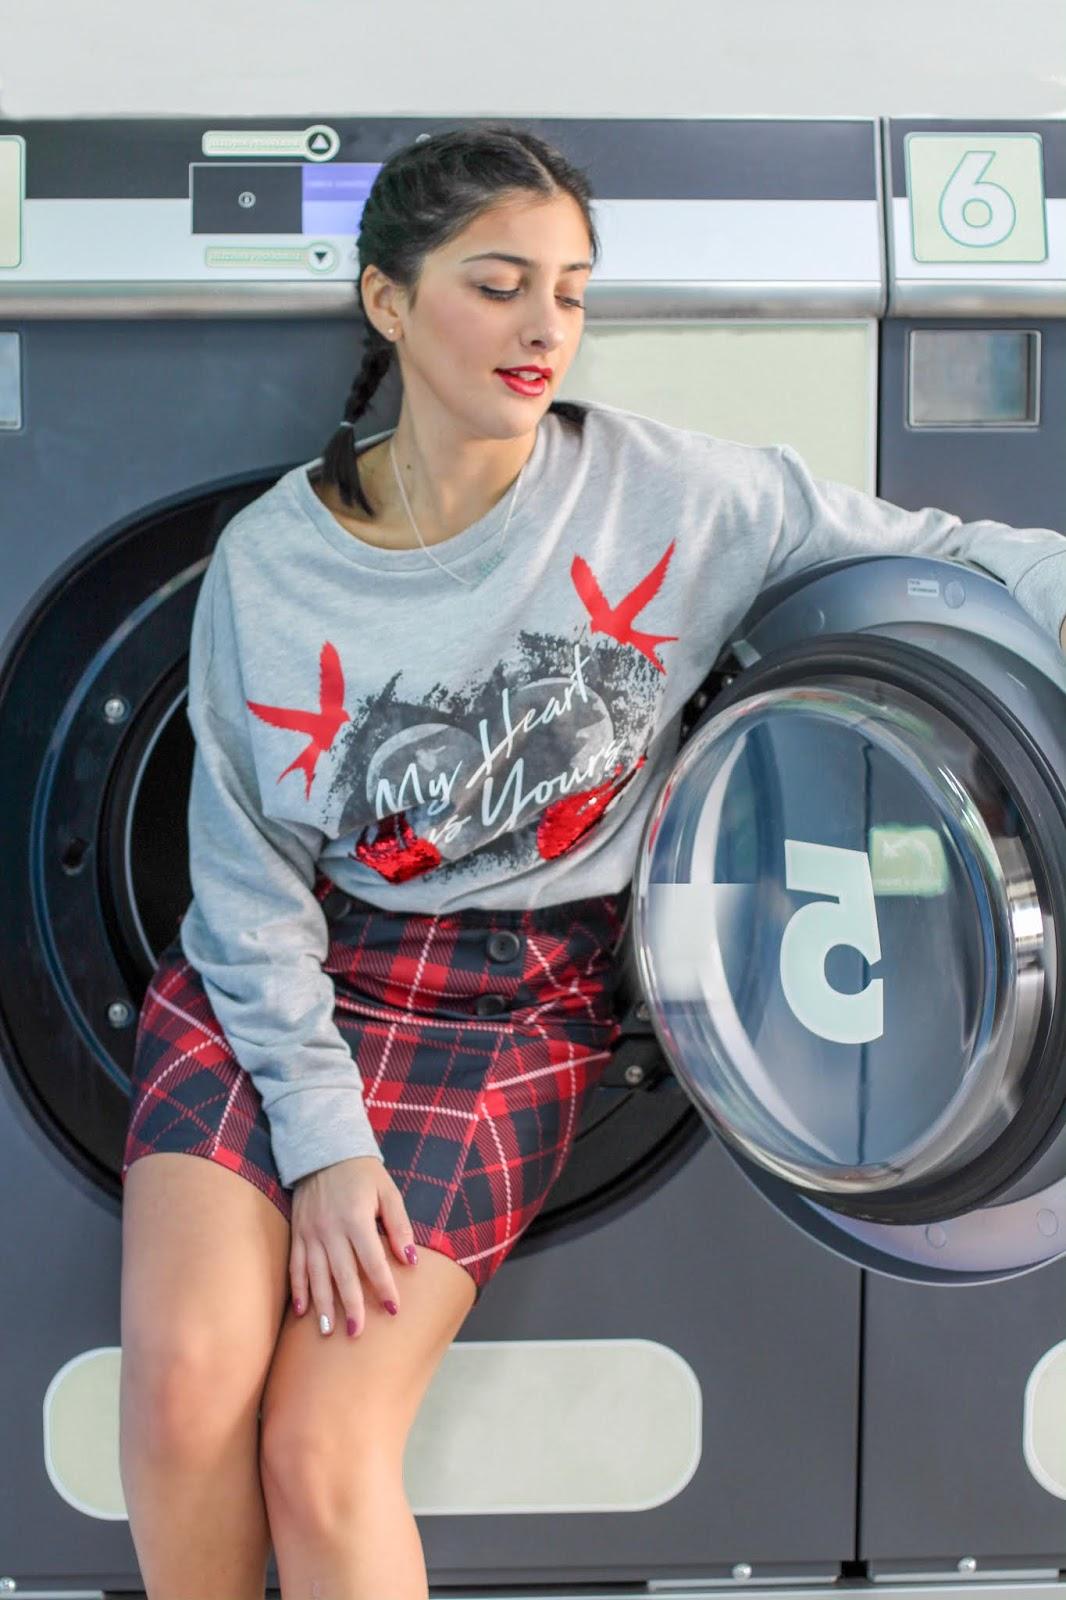 ragazza lavanderia